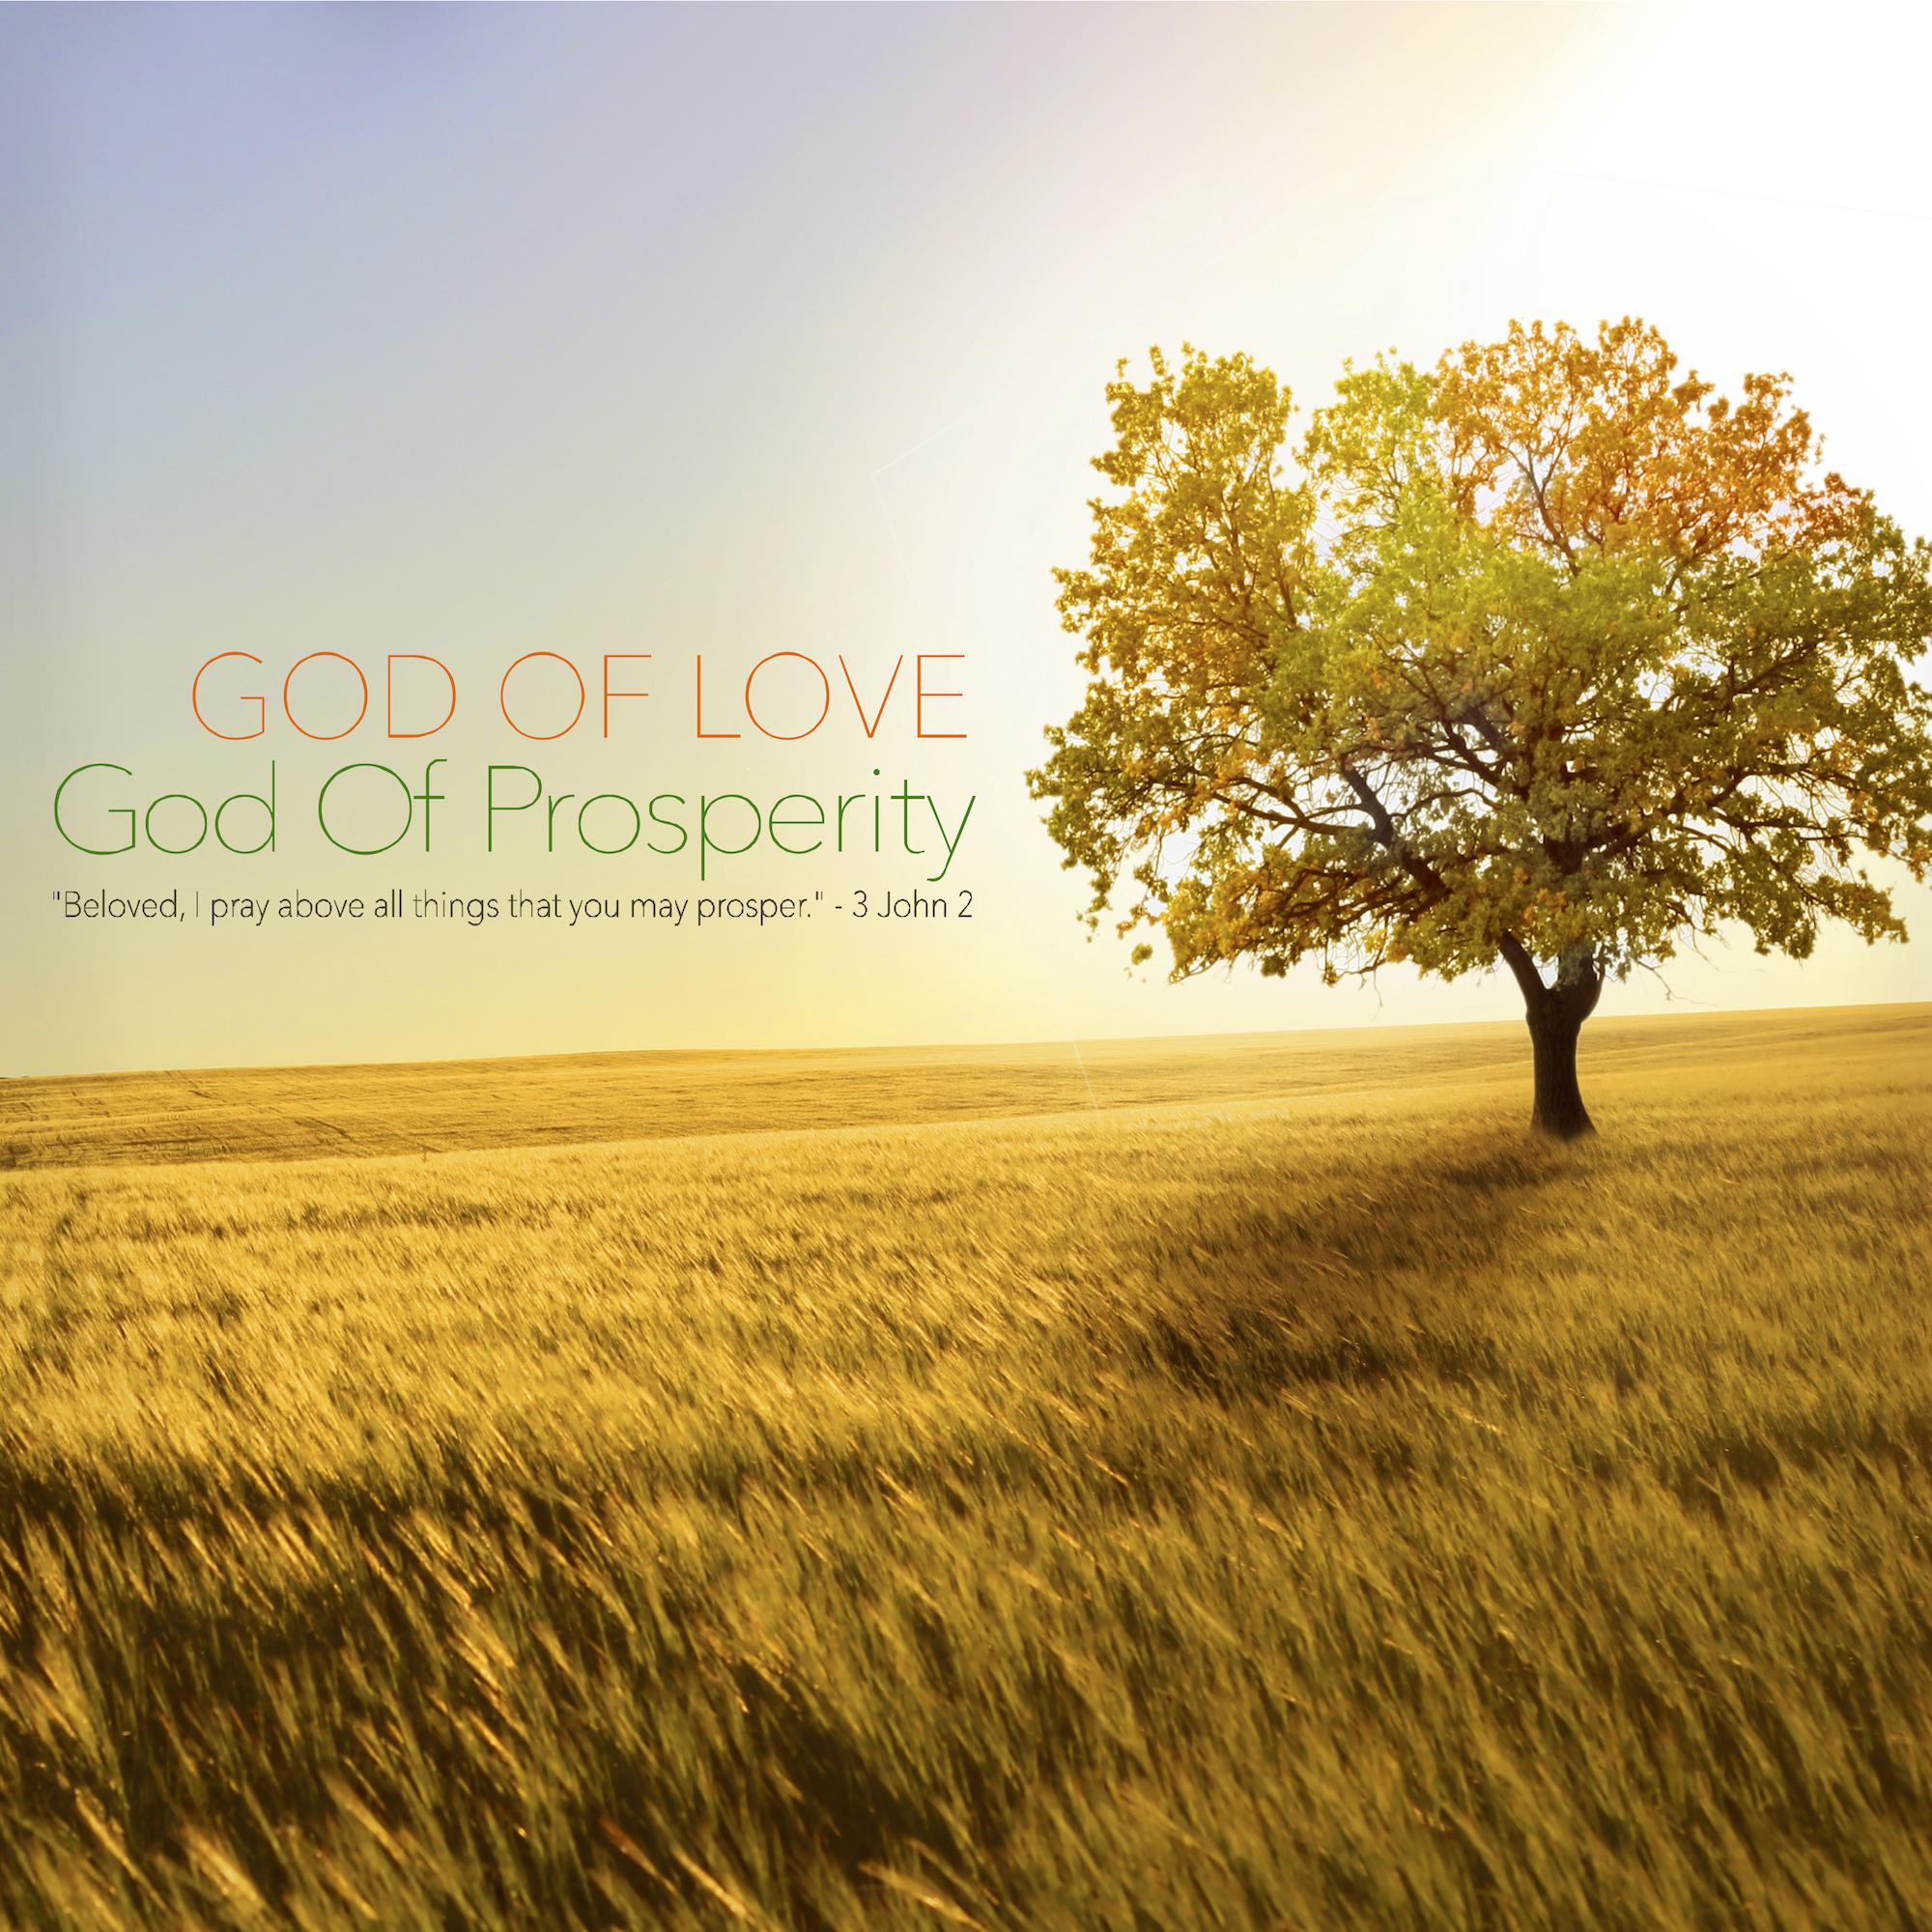 God Of Love God Of Prosperity.jpg